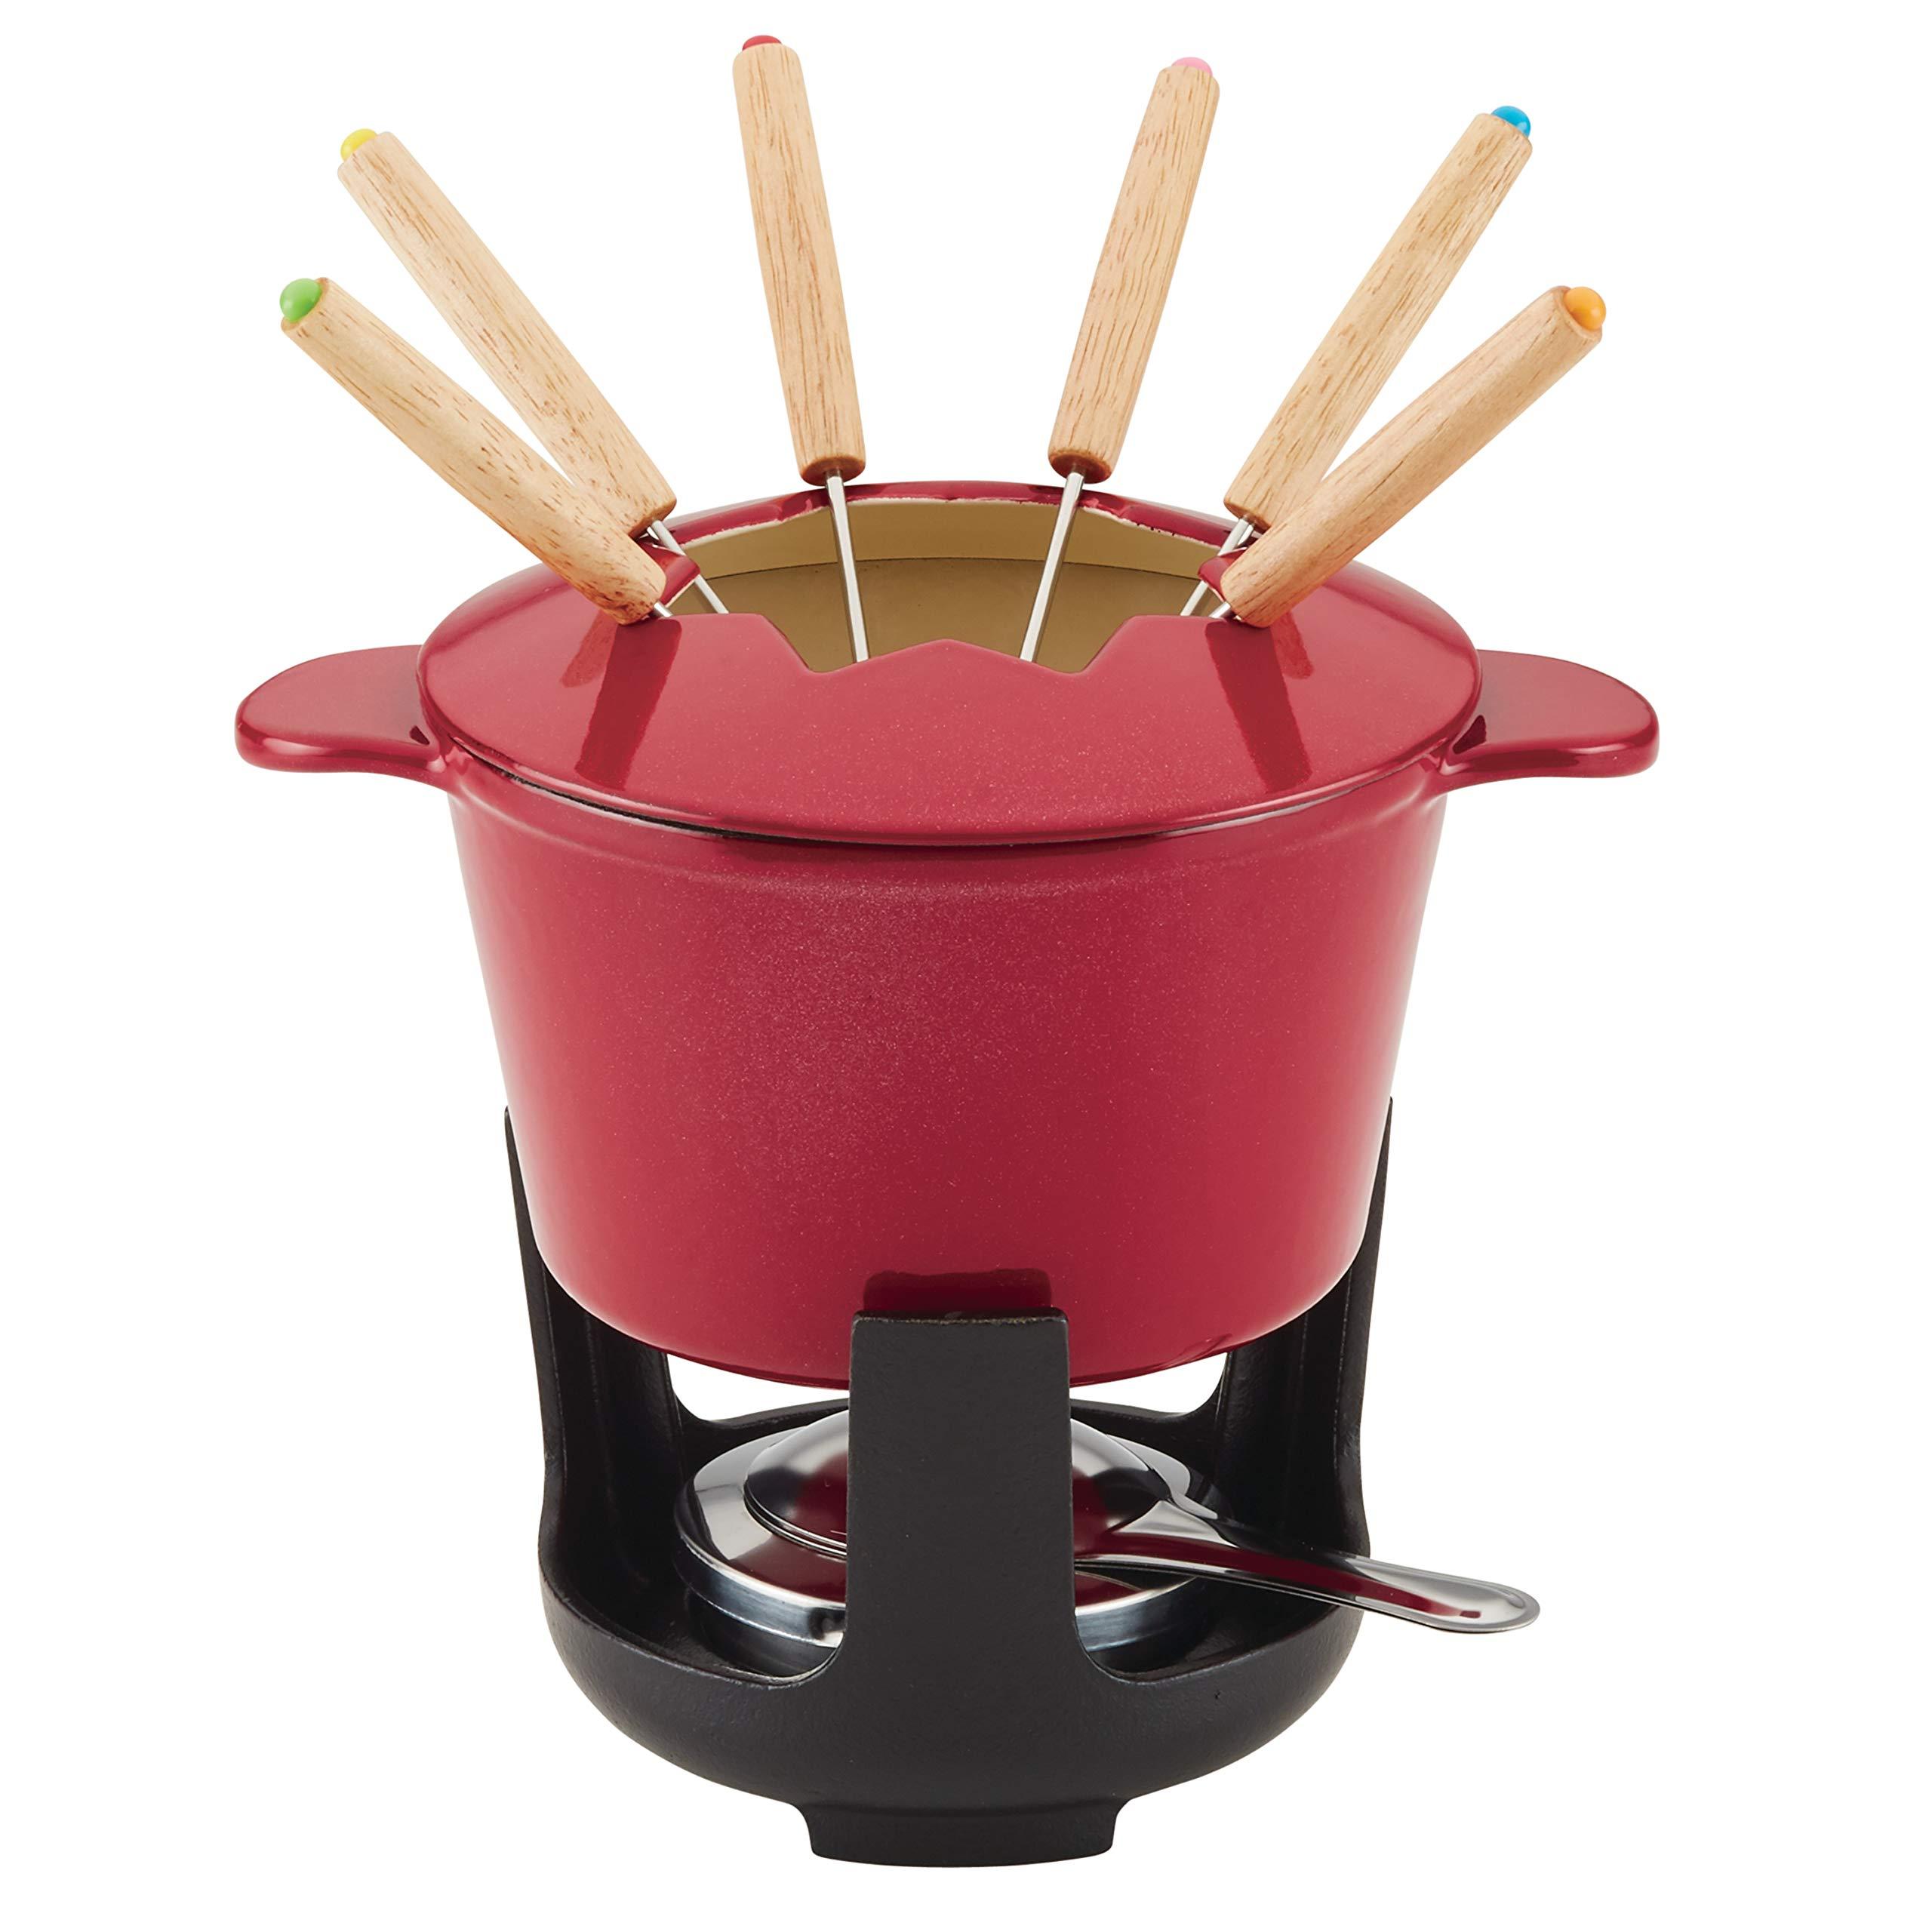 Rachael Ray 47870 1.5-Qt Cast Iron Fondue Set, Quart, Red Shimmer by Rachael Ray